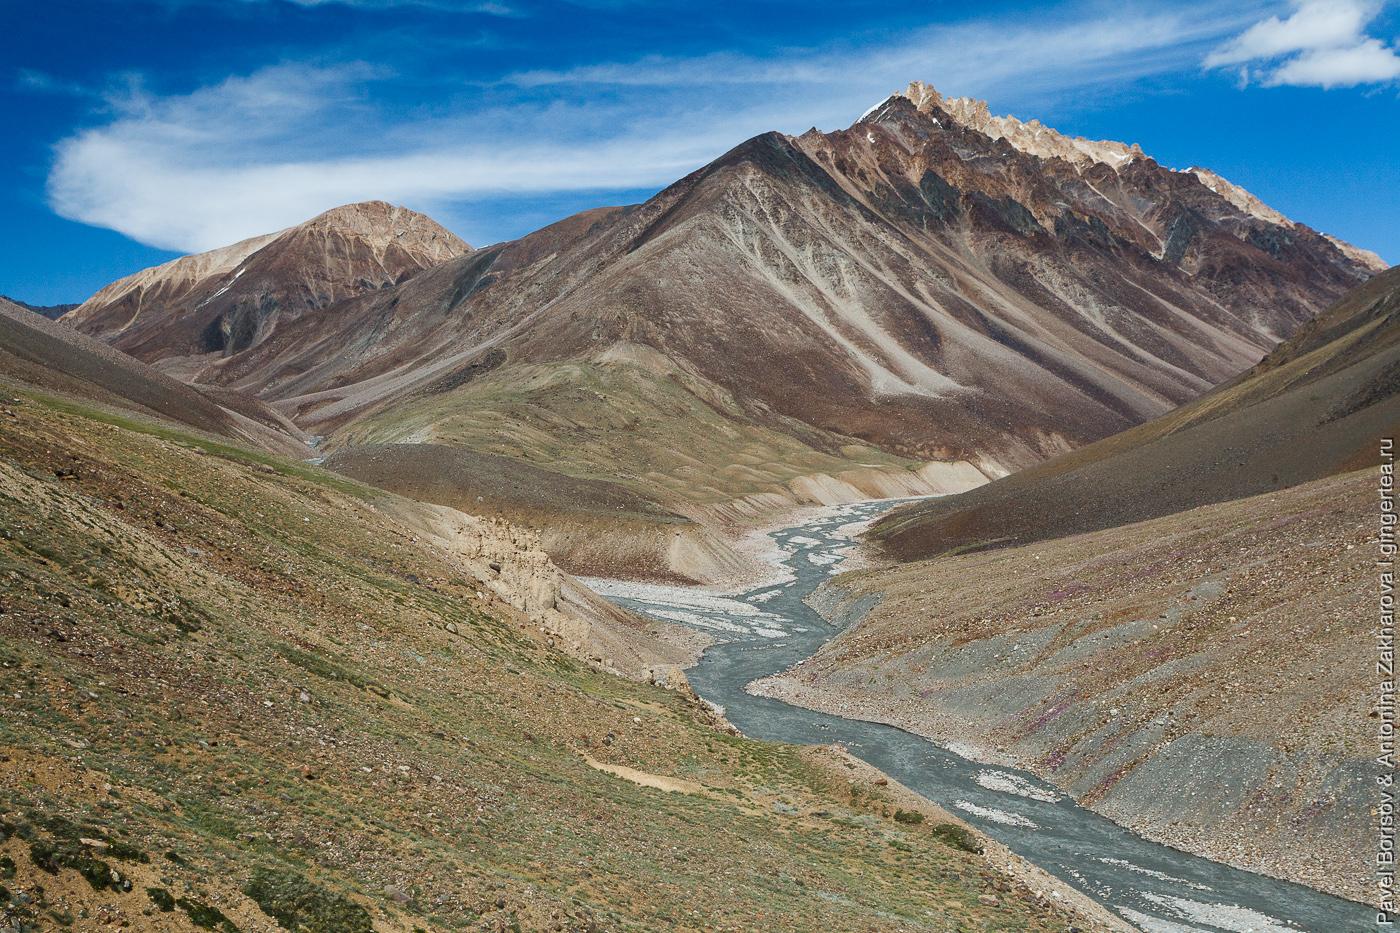 Гималайский водораздел. «Детский» поход в Ладакх и индийские Гималаи (часть 4)